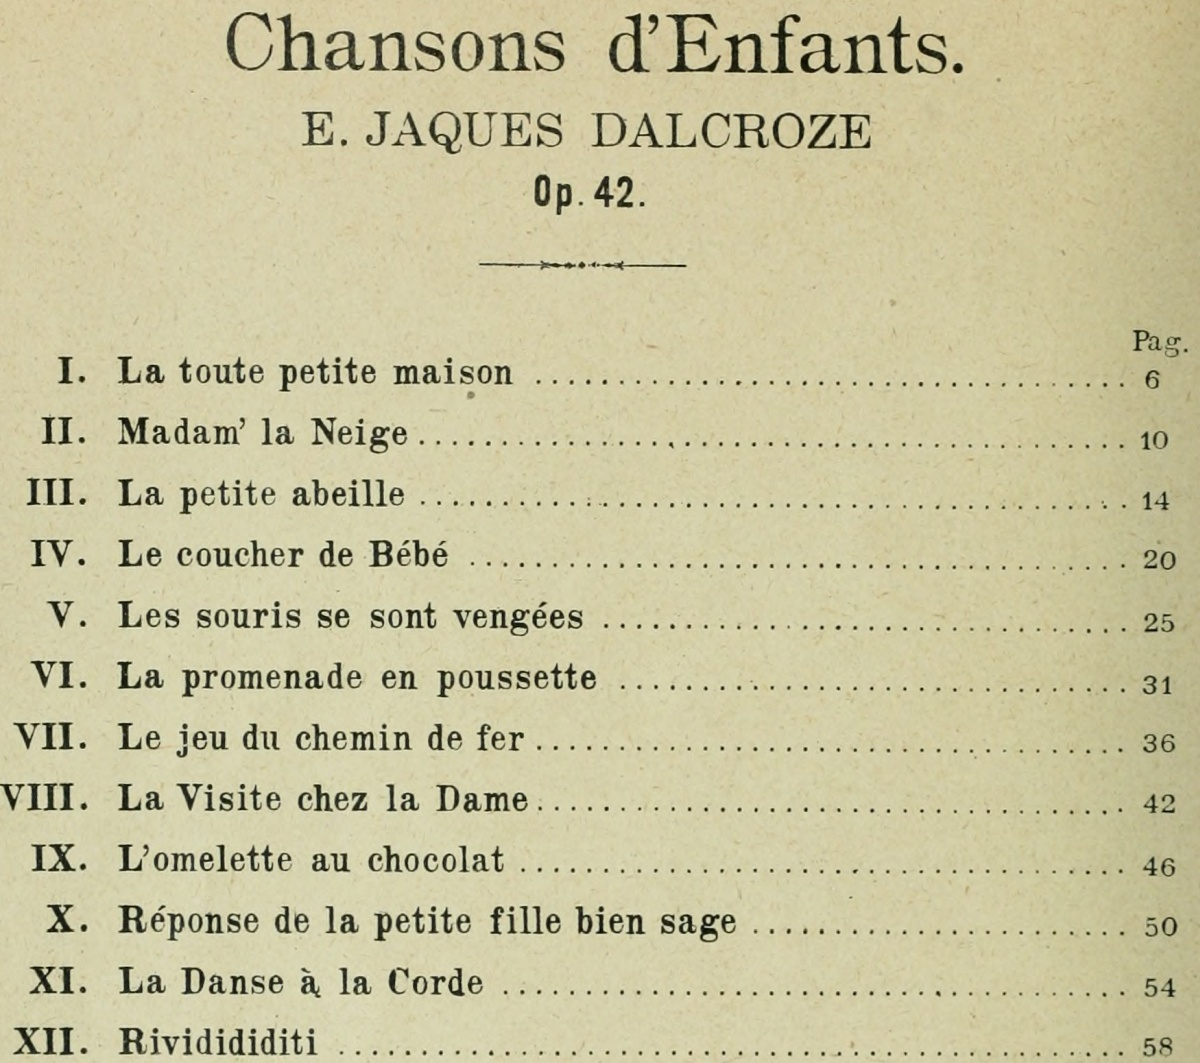 Table des matières du recueil «Chansons d'Enfants», Op. 42, publié en 1904 par l'éditeur W.Sandoz à Neuchâtel - resp. Jobin&Co, Éditions Musicales, Lausanne, Paris, Londres